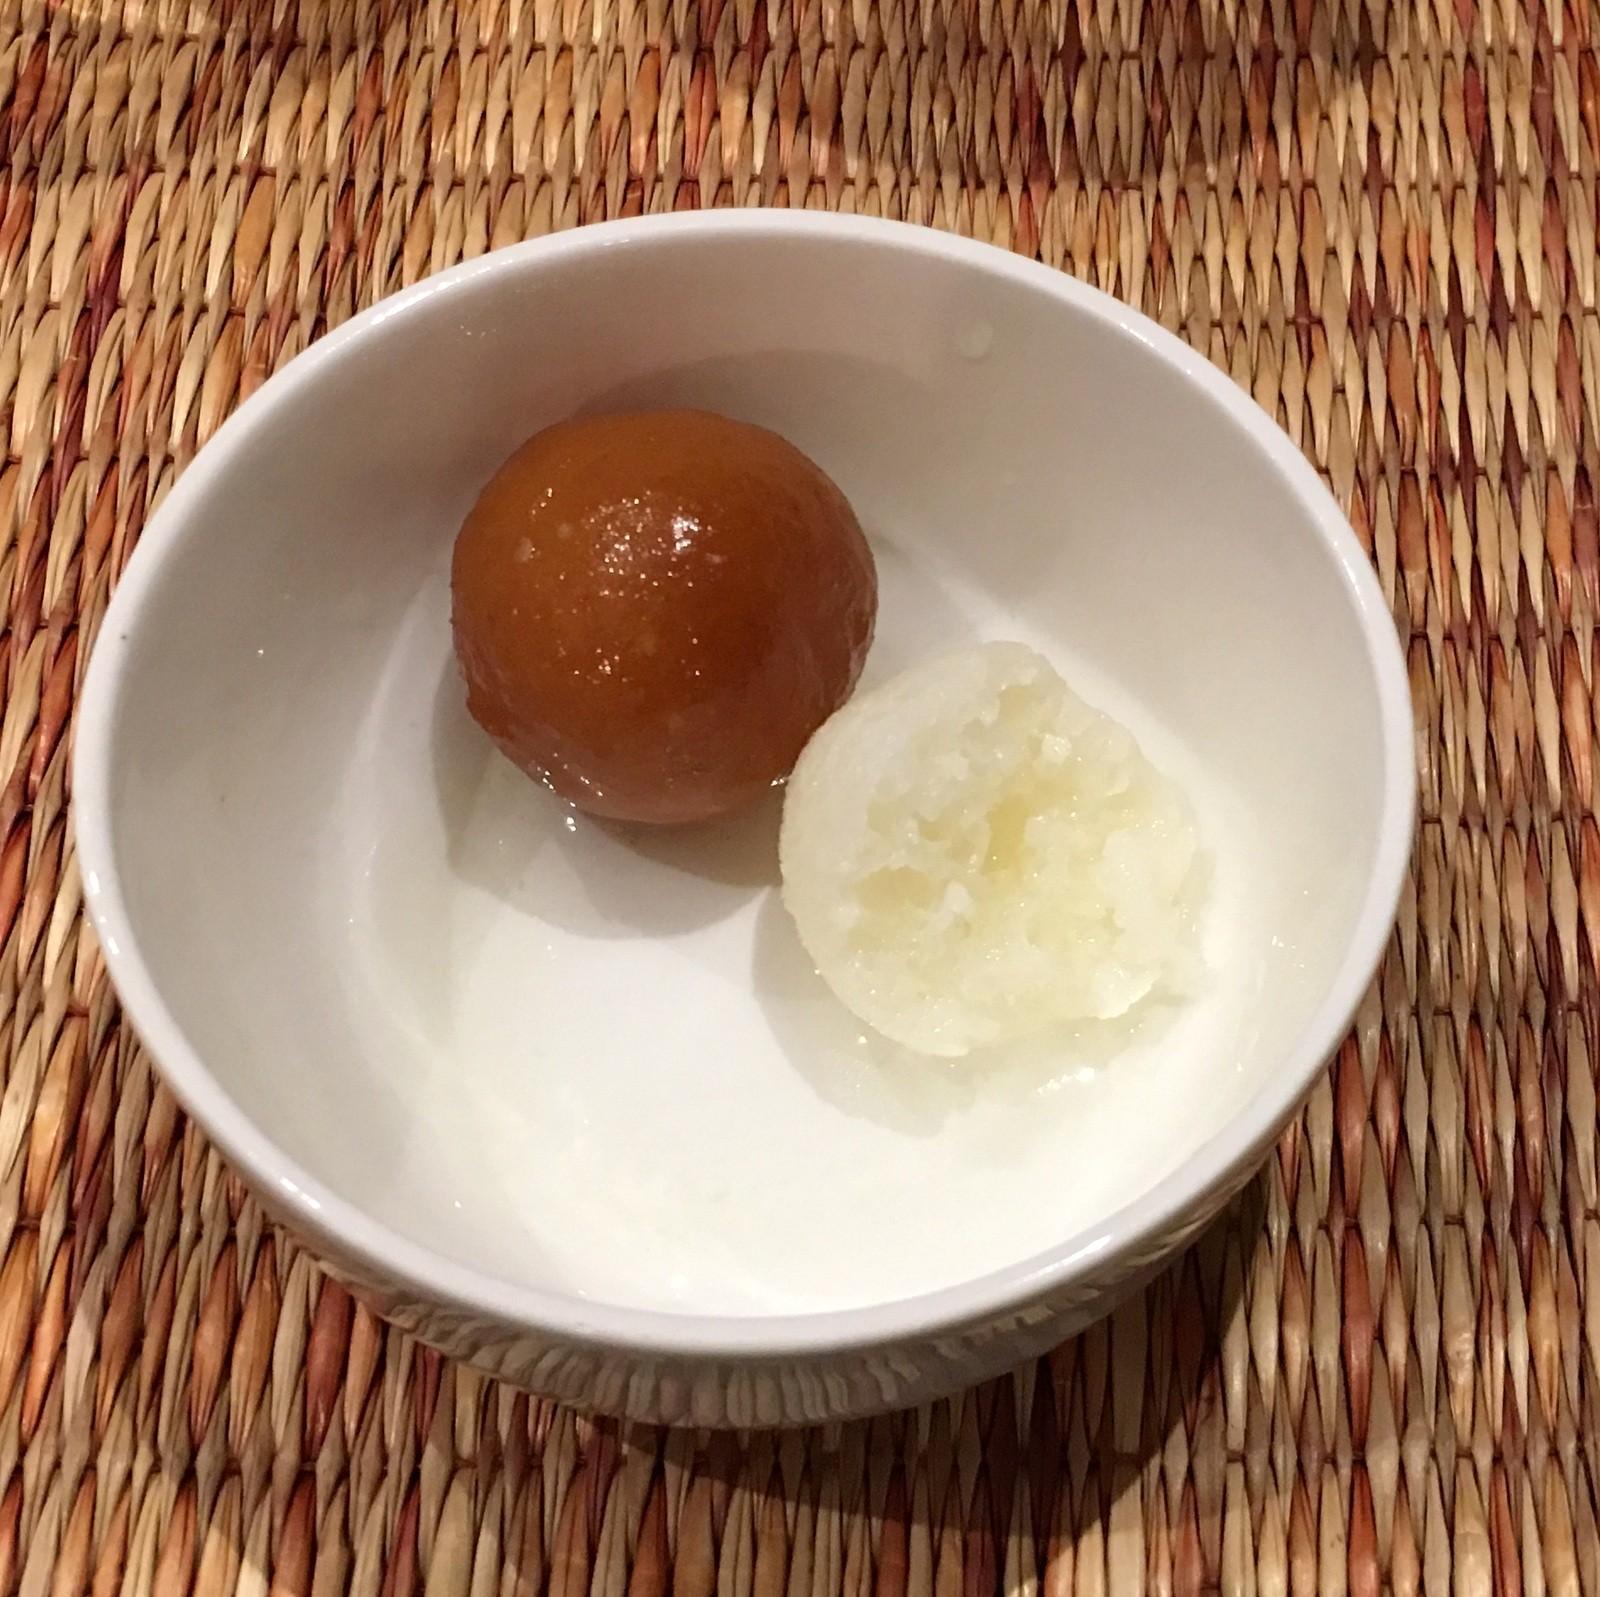 Dessert Bhutan